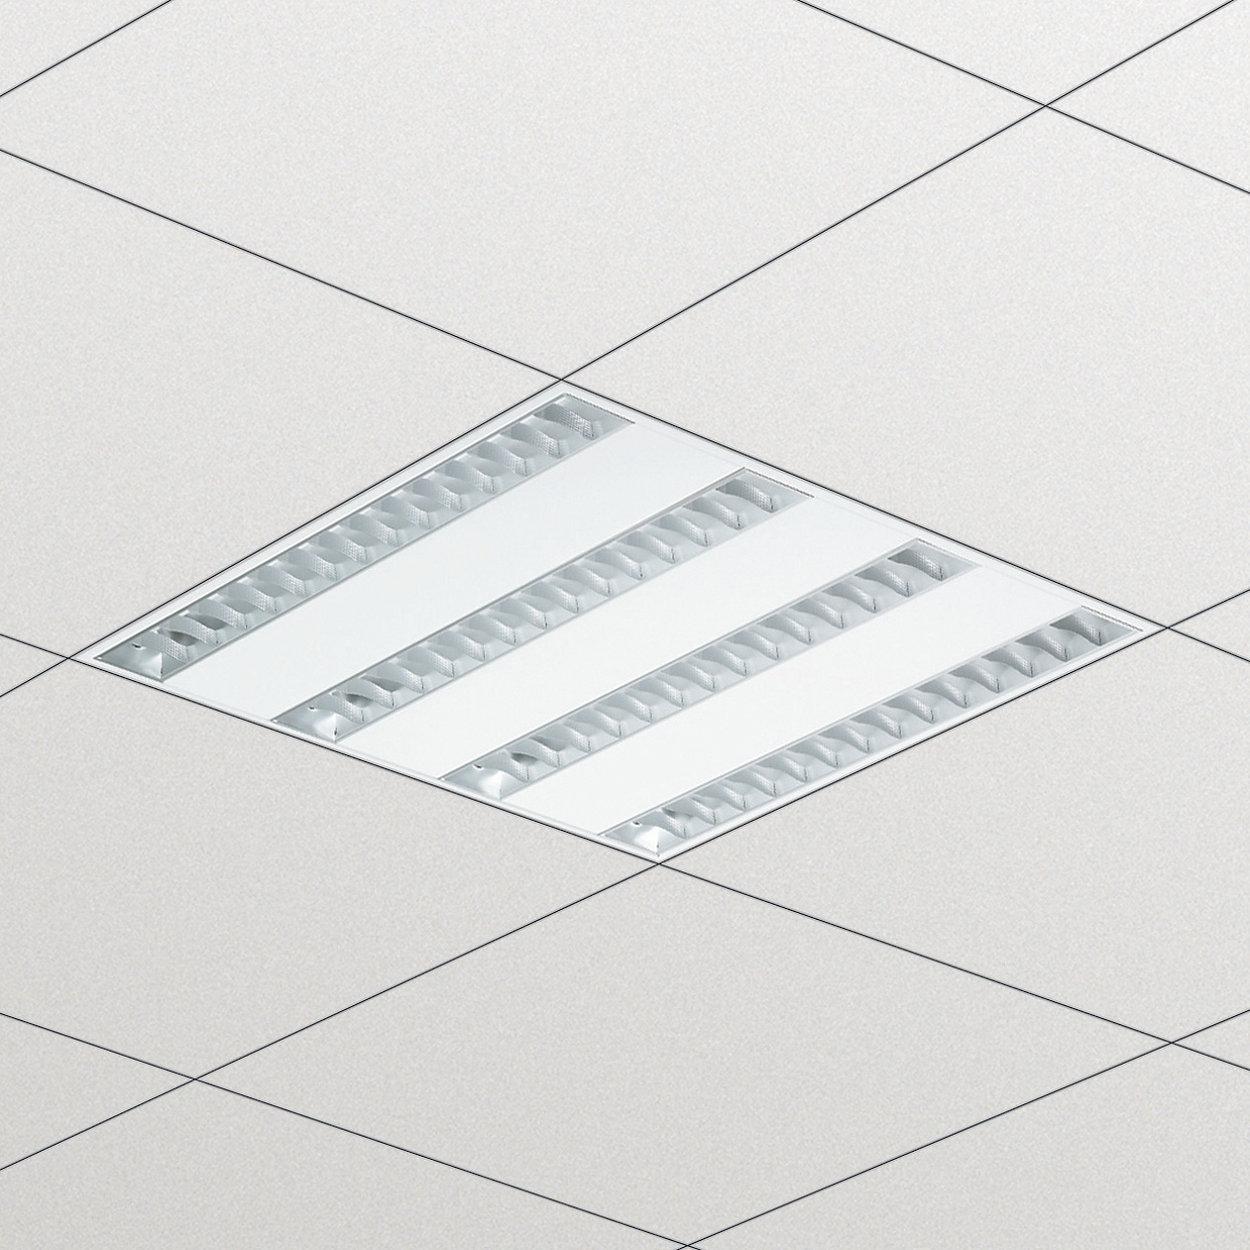 SmartForm – flache, modulare Einbauleuchten mit bester Lichtleistung für fast jede Decke